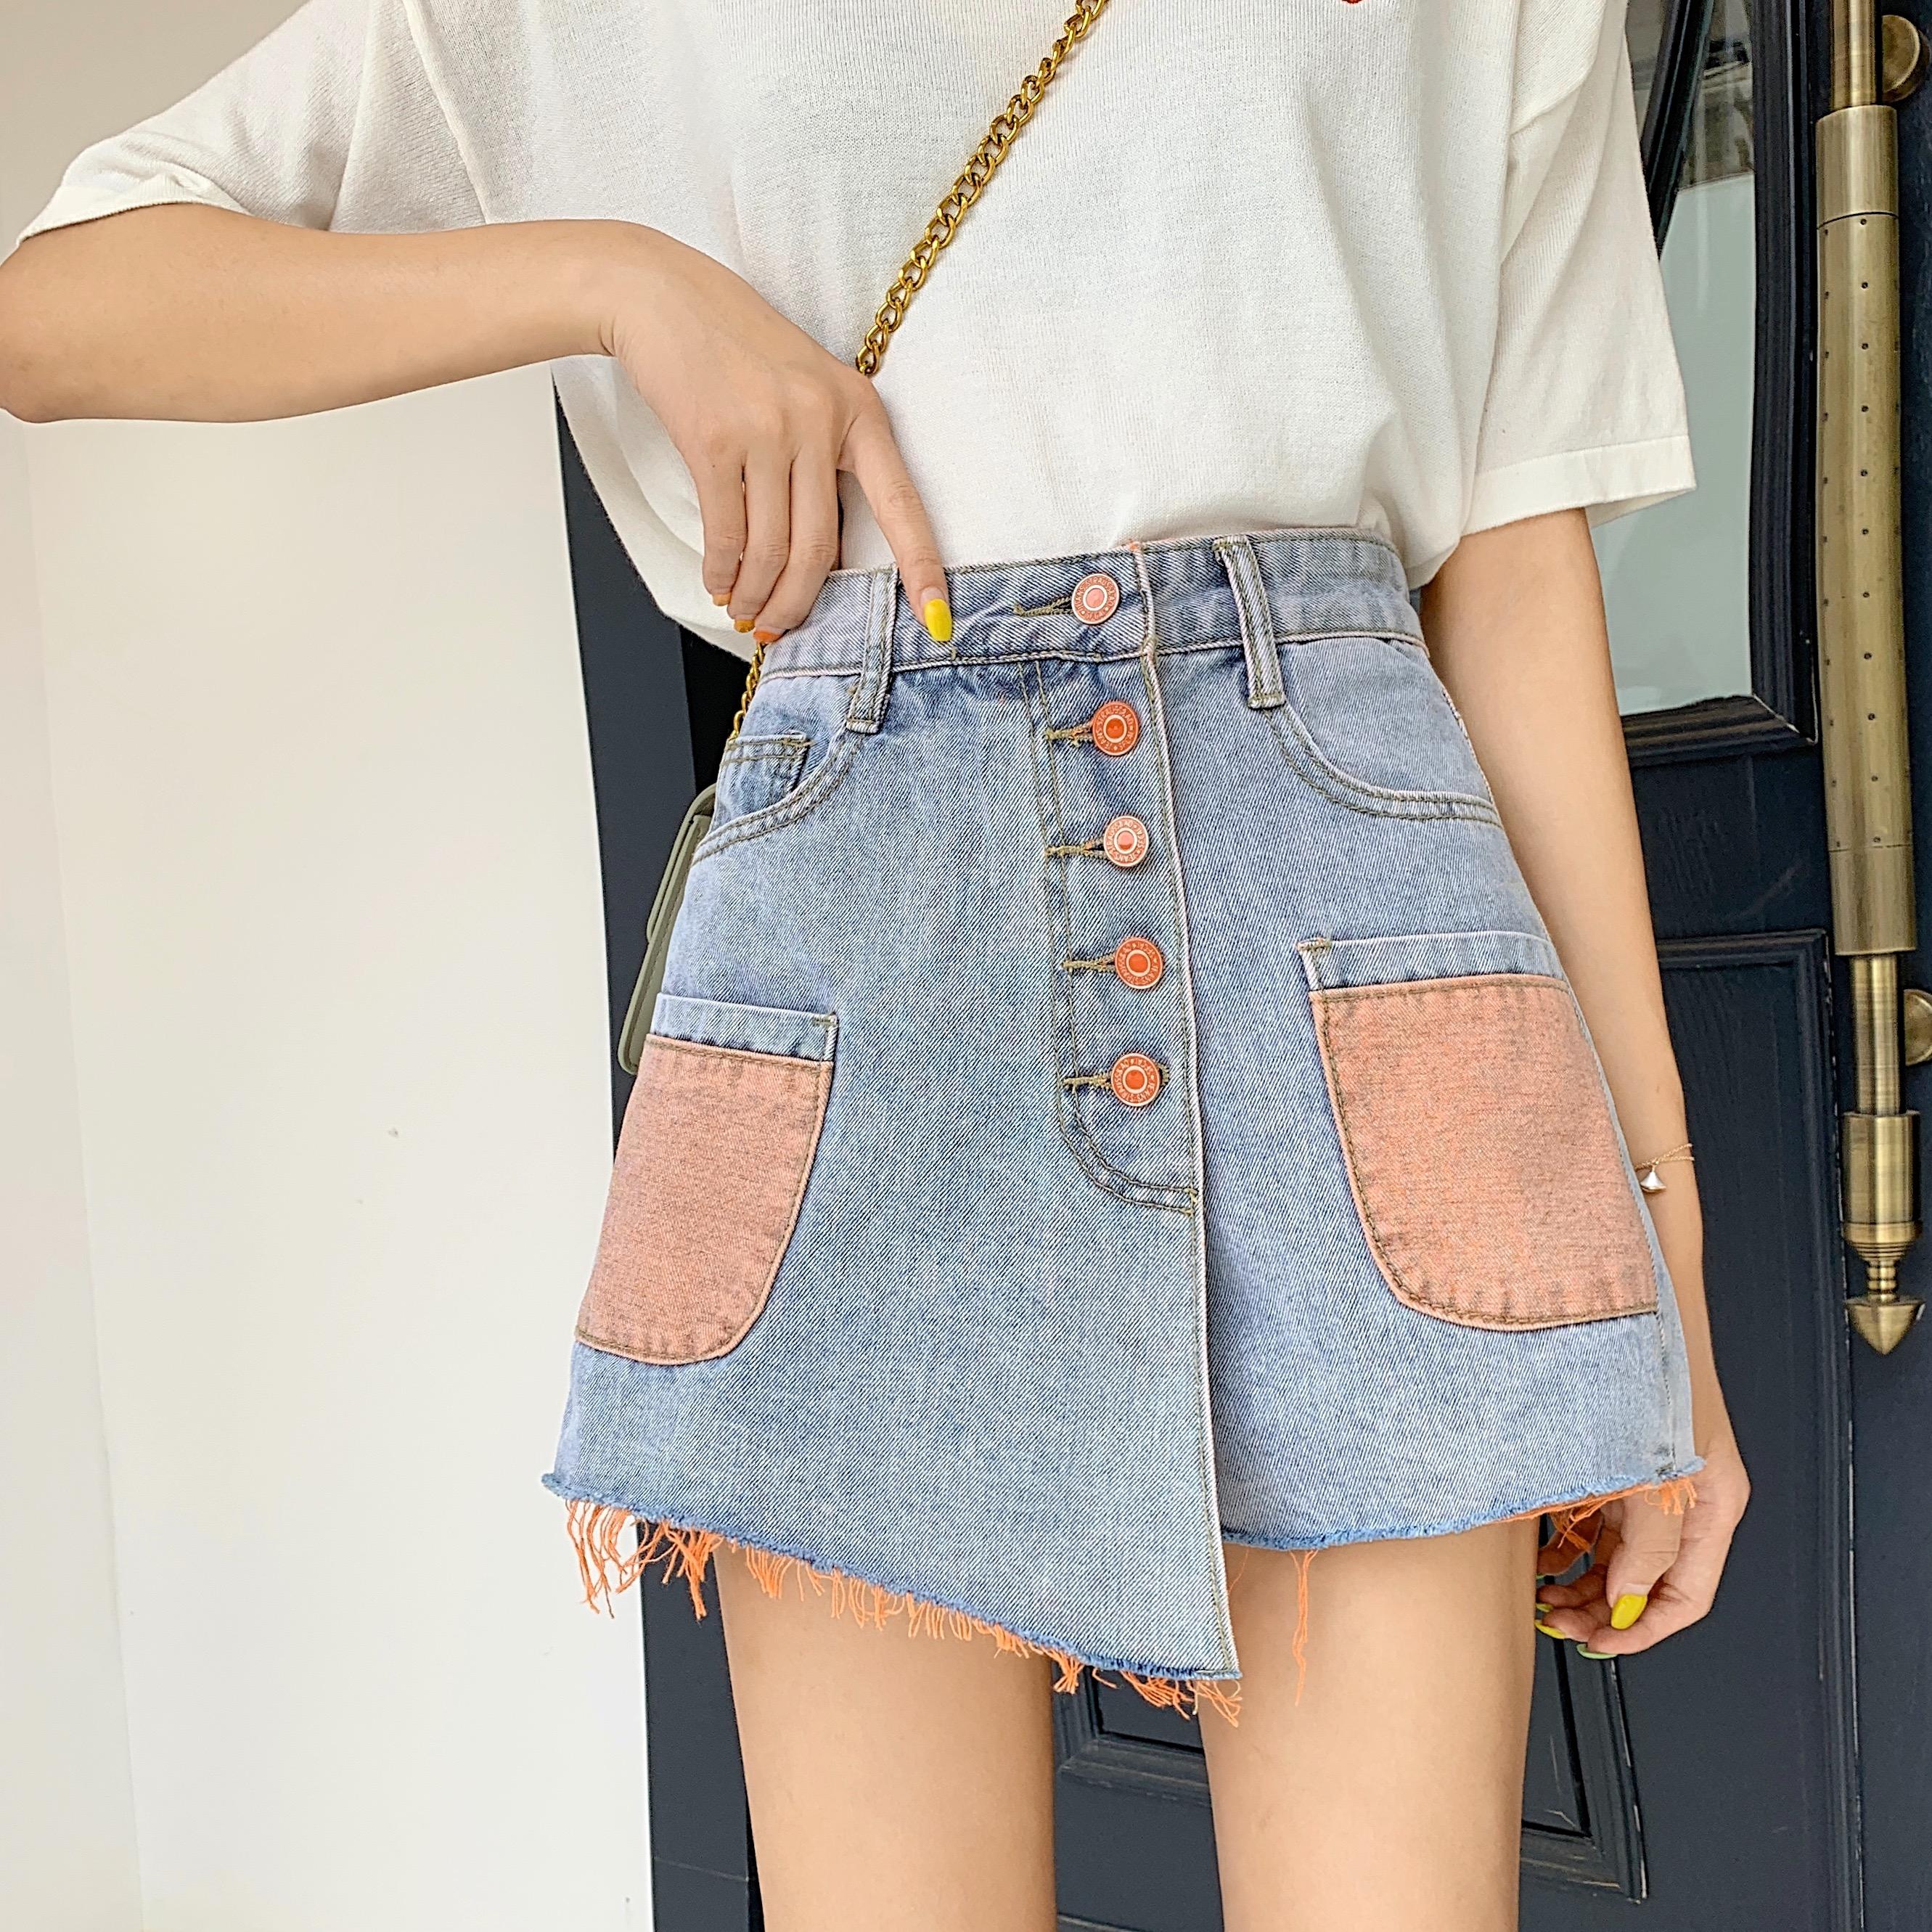 實拍新款牛仔短褲裙褲女高腰單排扣口袋撞色工藝